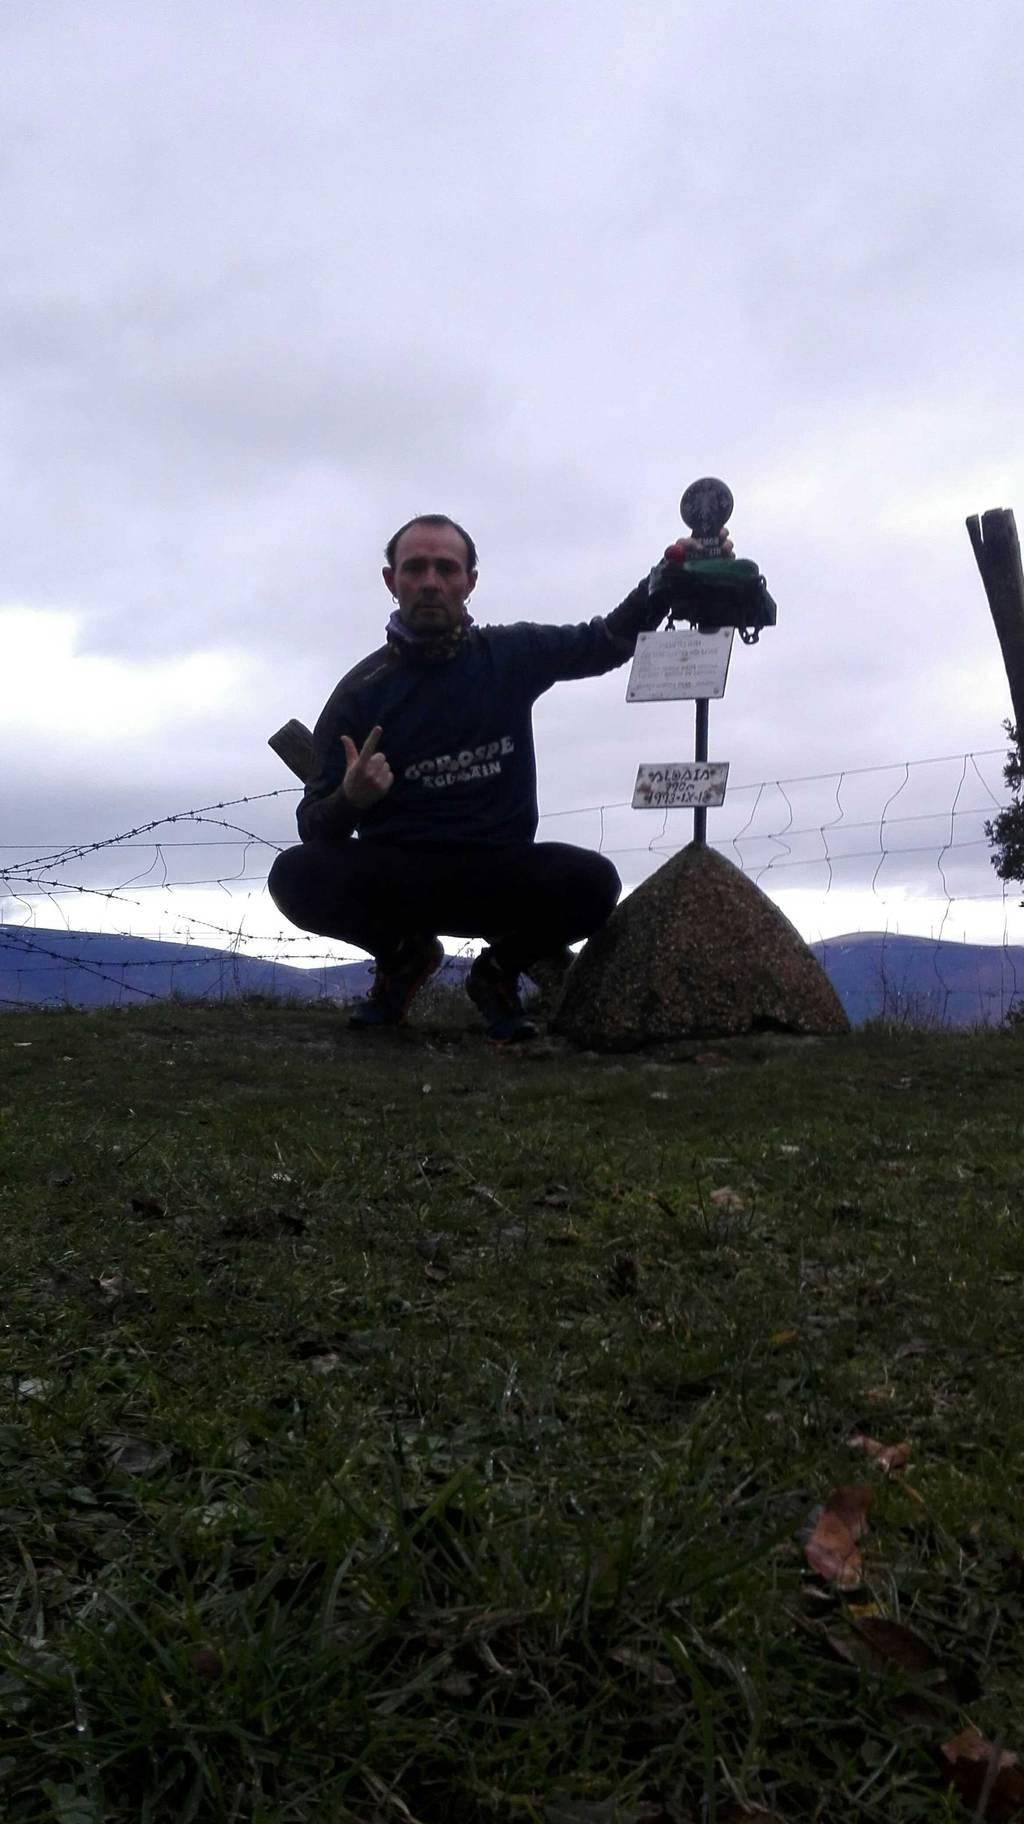 kulebras Gorospe erabiltzailea Aldaia puntan, 2019-02-10 11:00